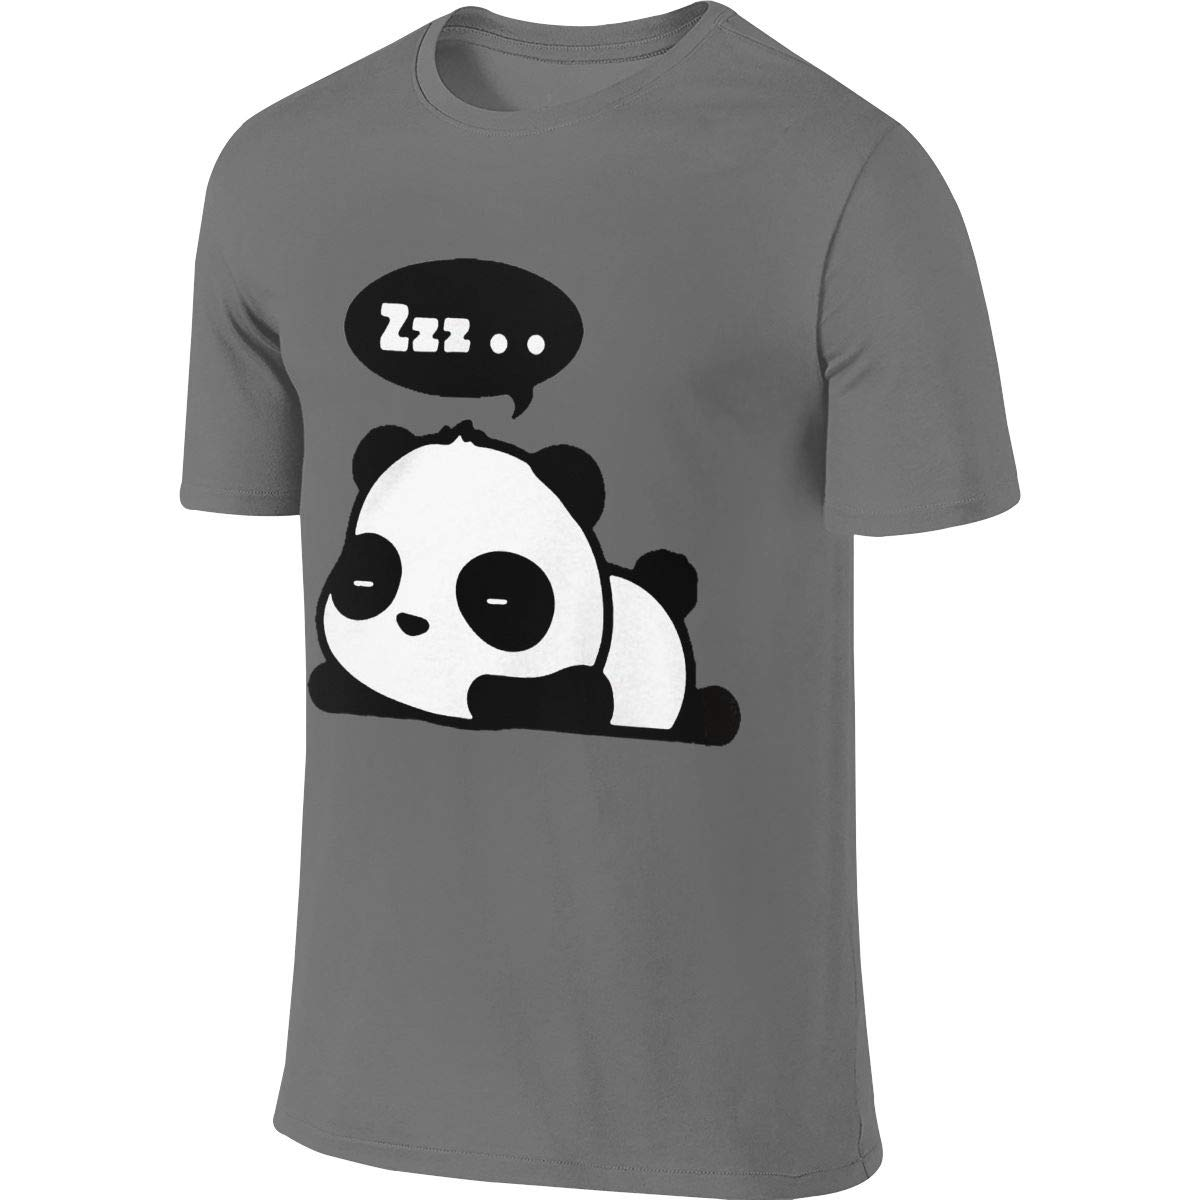 Deep Heather New Funny And Cute Sleeping Panda S Short Sleeve Tshirt